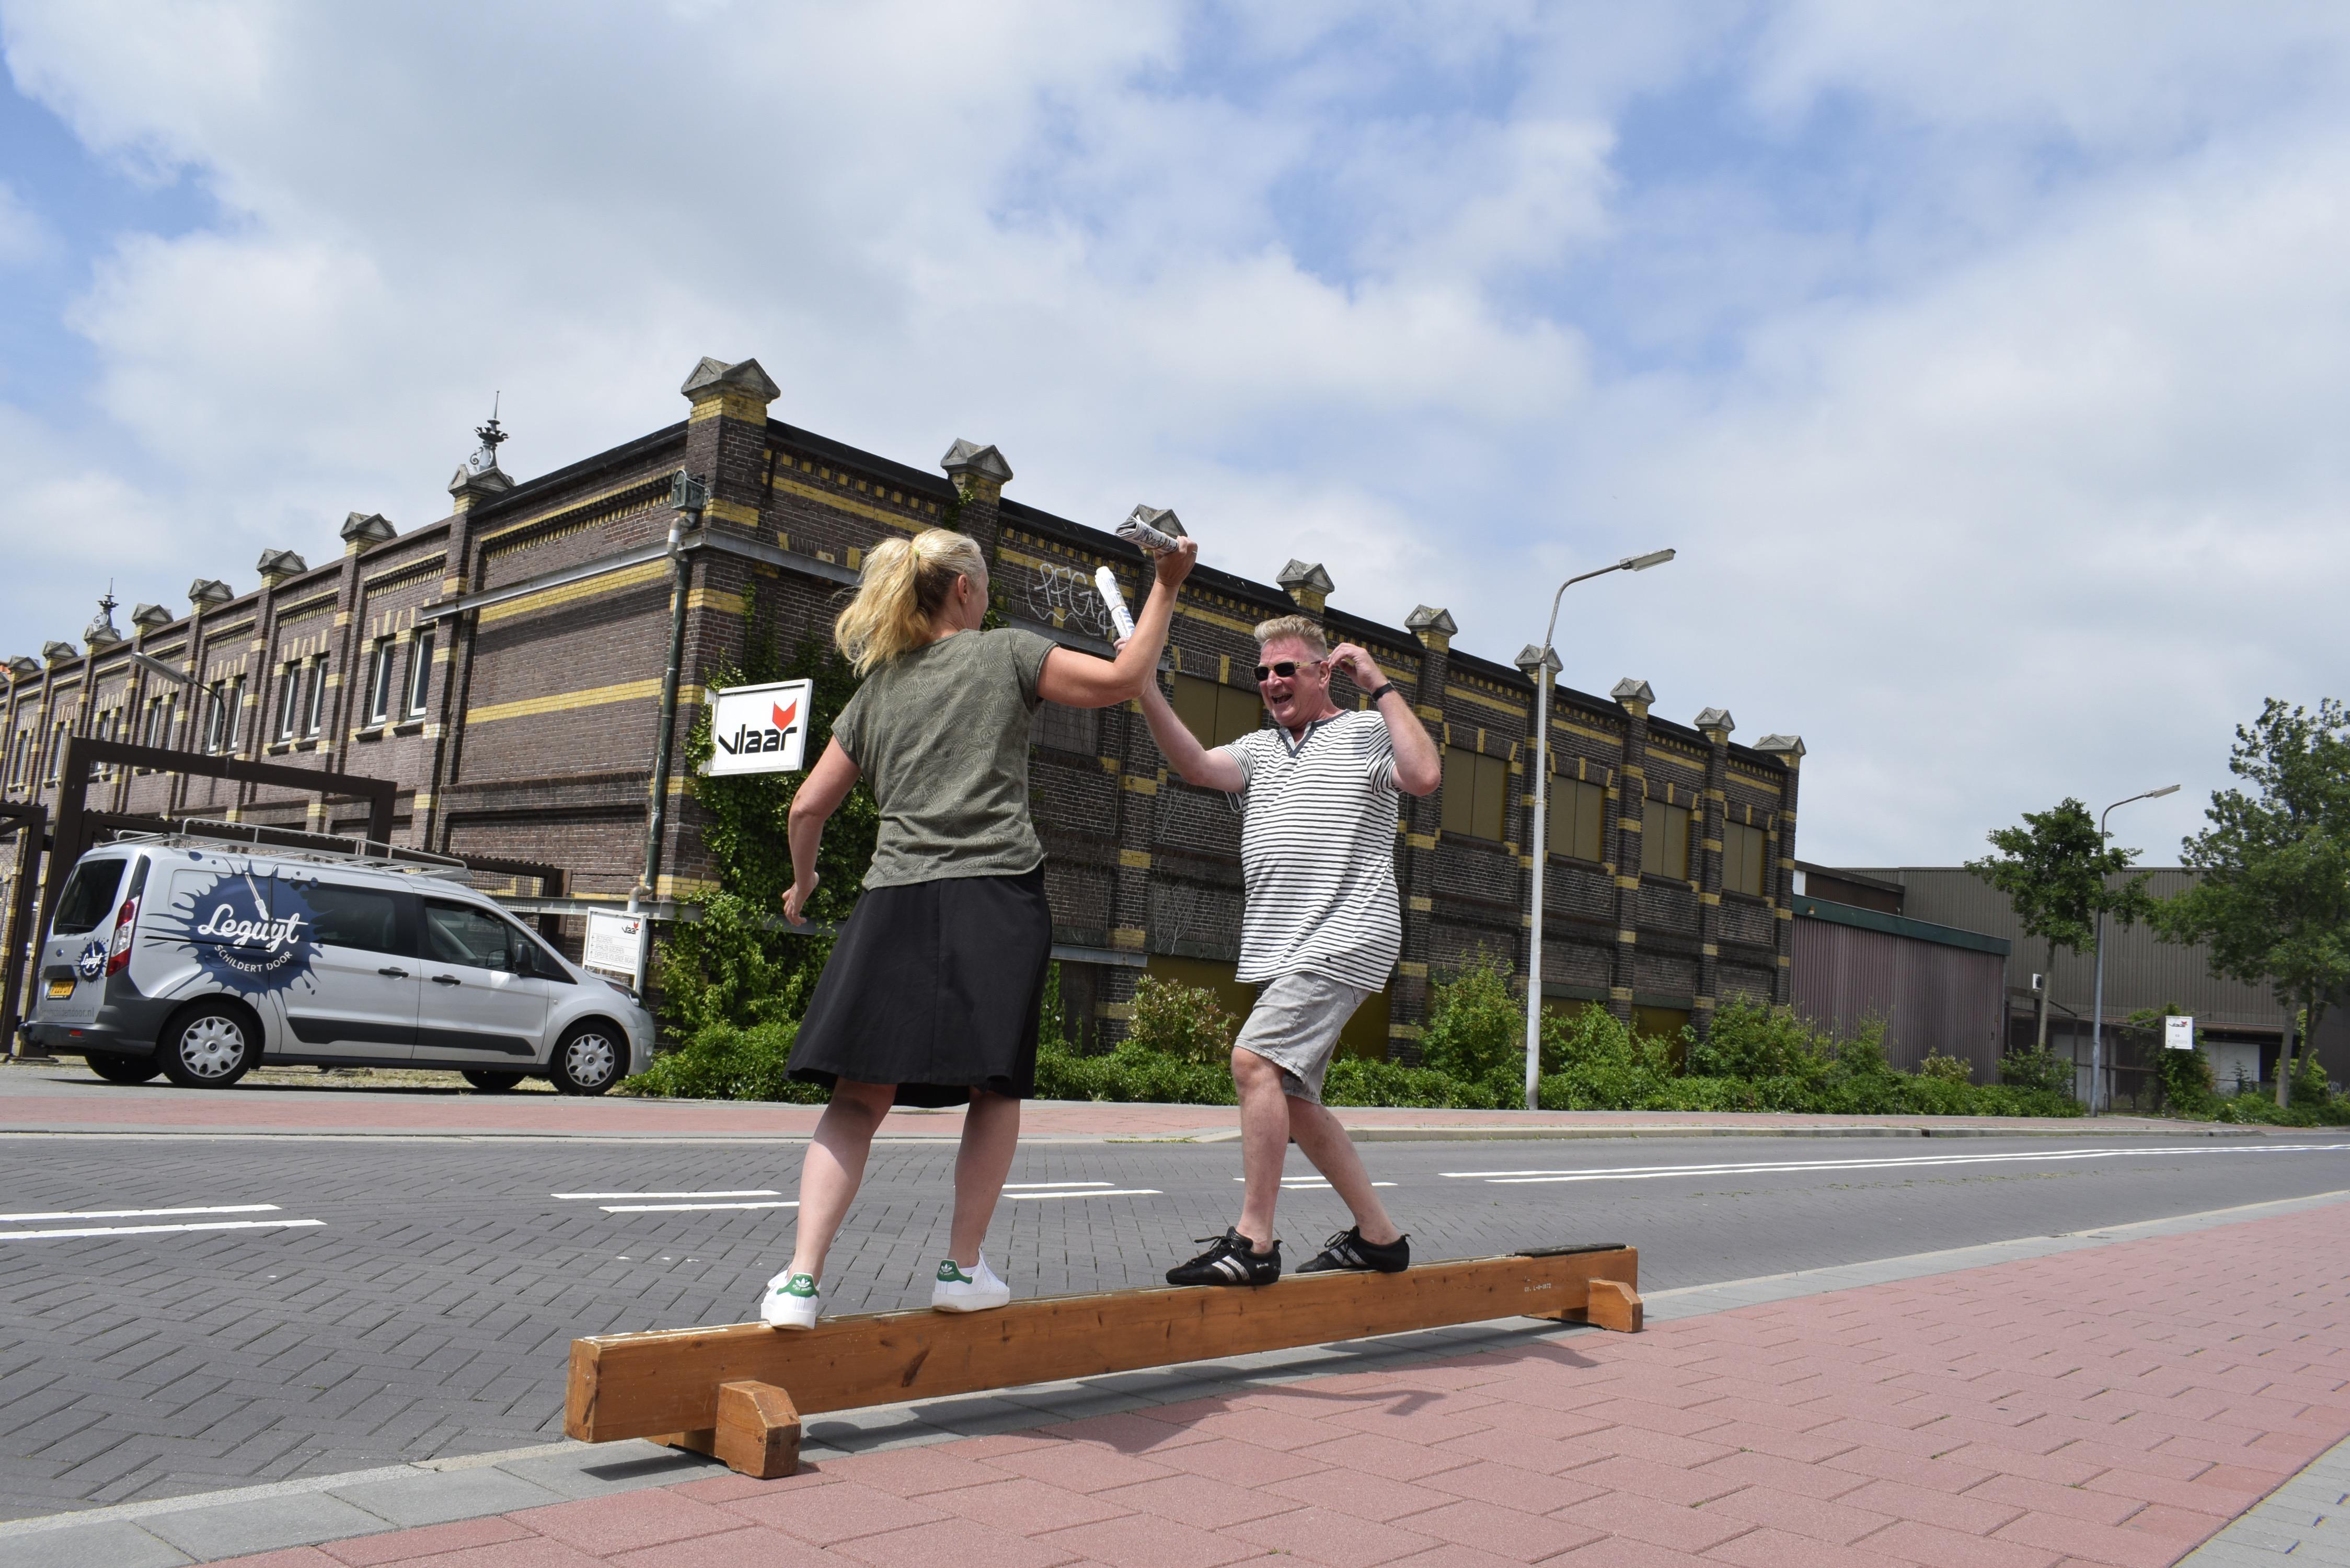 Redacteur Zaanstreek op Zondag in een duel met Henk Leguijt. (Foto: Tineke Alberts)